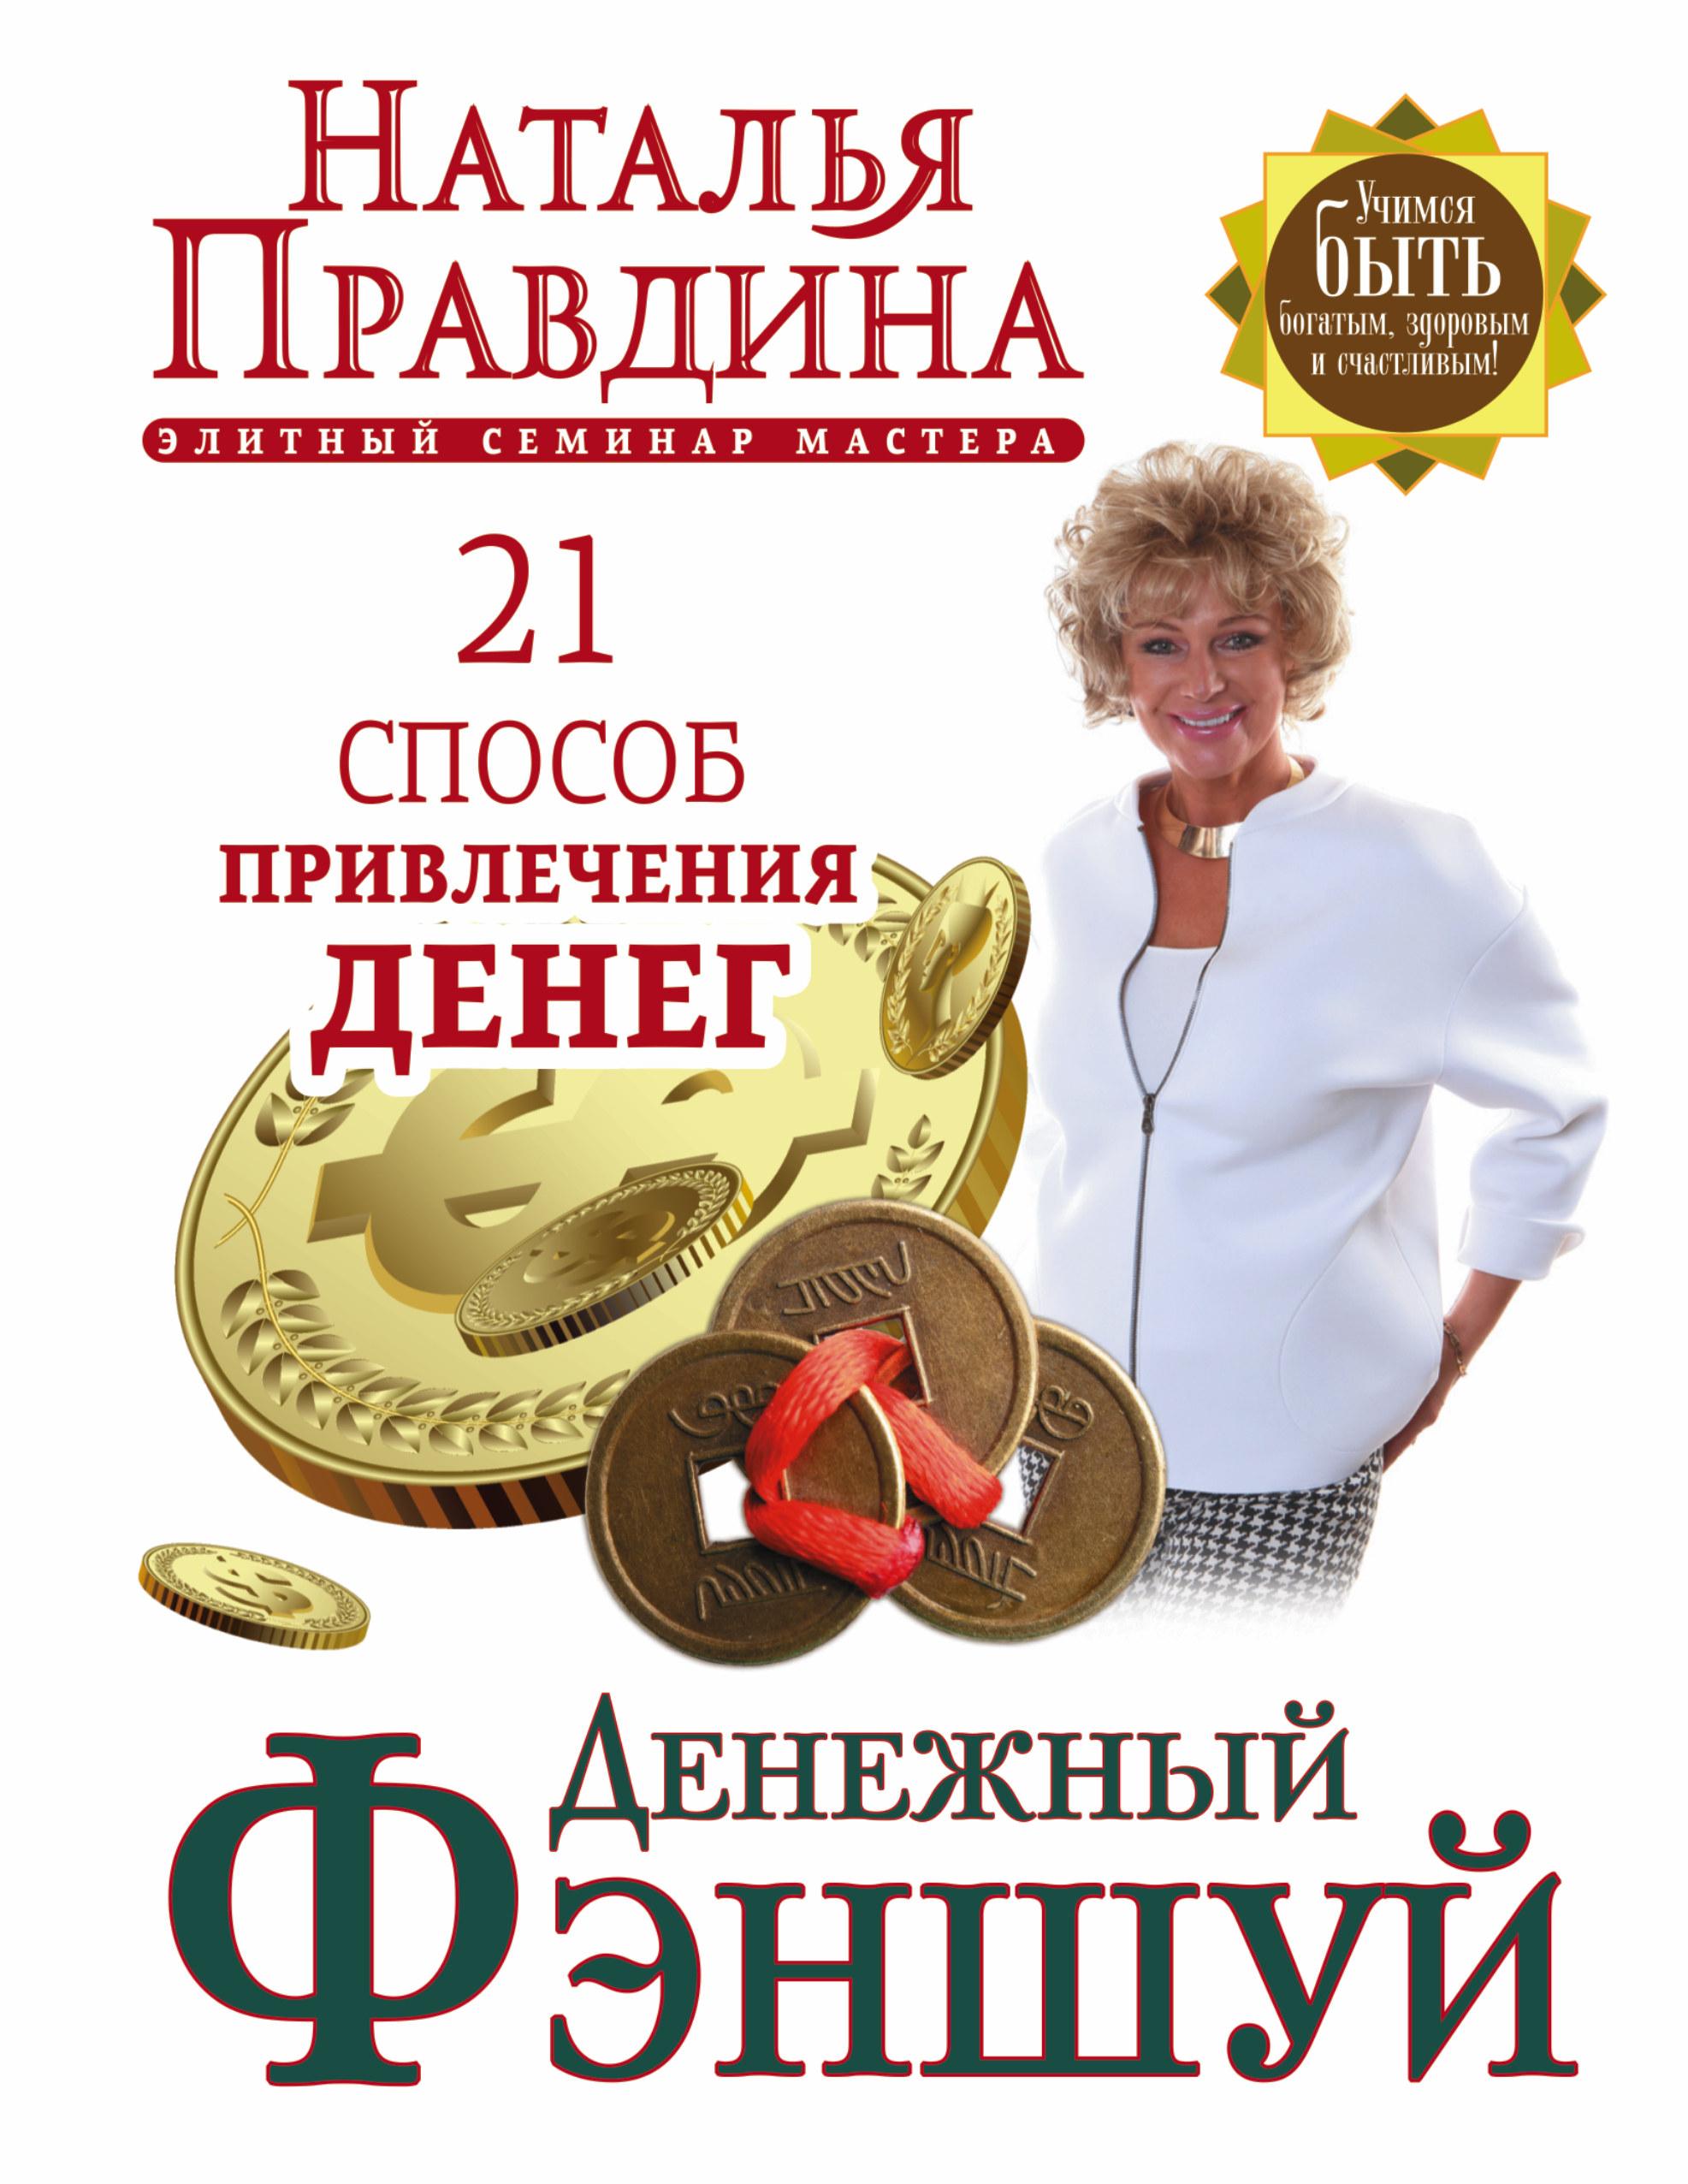 Денежный фэншуй. 21 способ привлечения денег. Элитный семинар Мастера. Правдина Наталия Борисовна